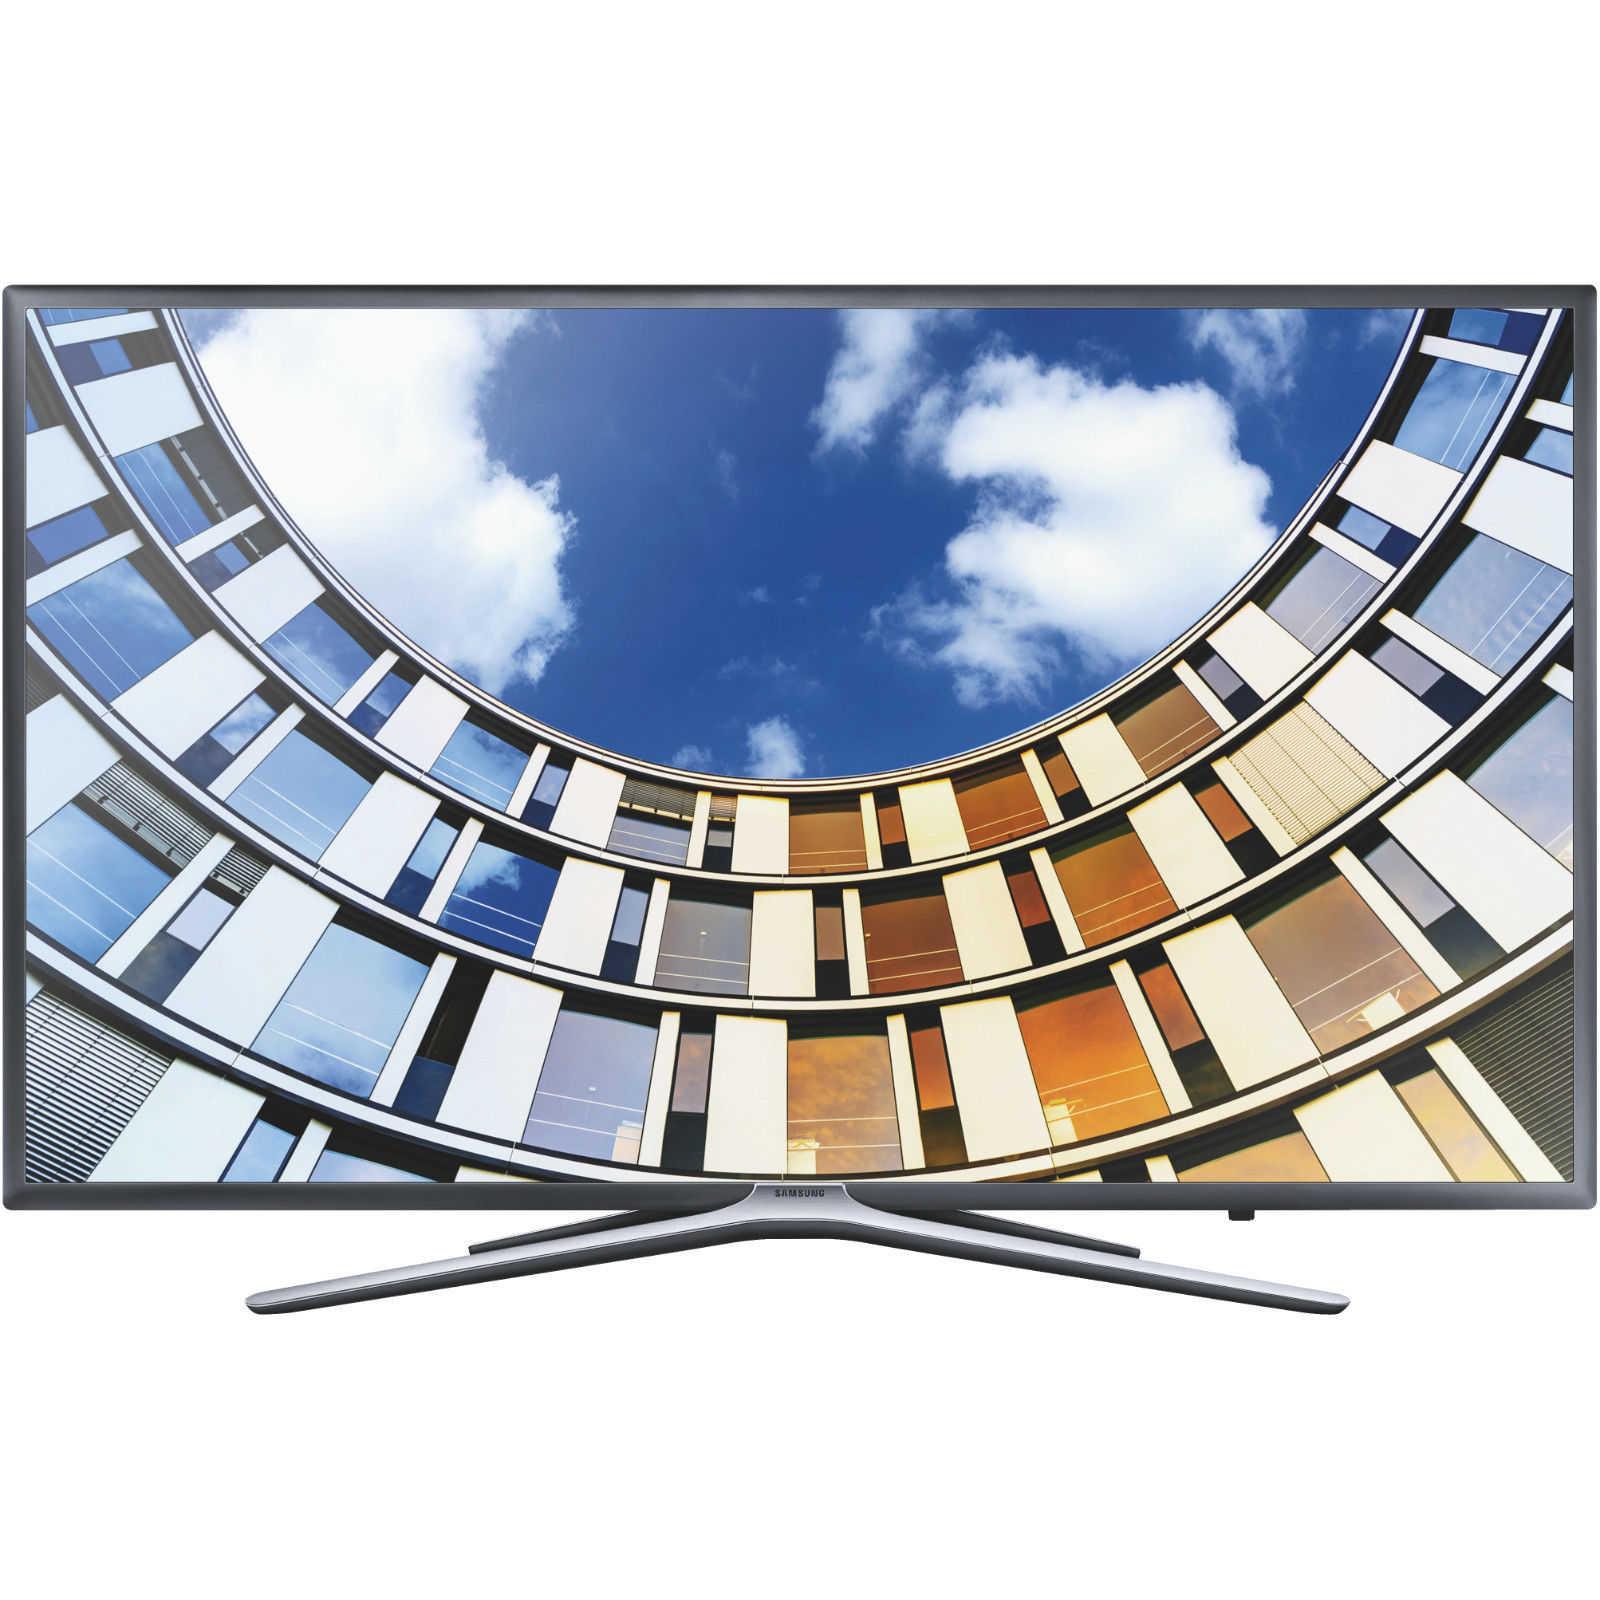 samsung ue43m5570 led tv full hd smart tv fuer 349 e inkl versand statt 44810e 1